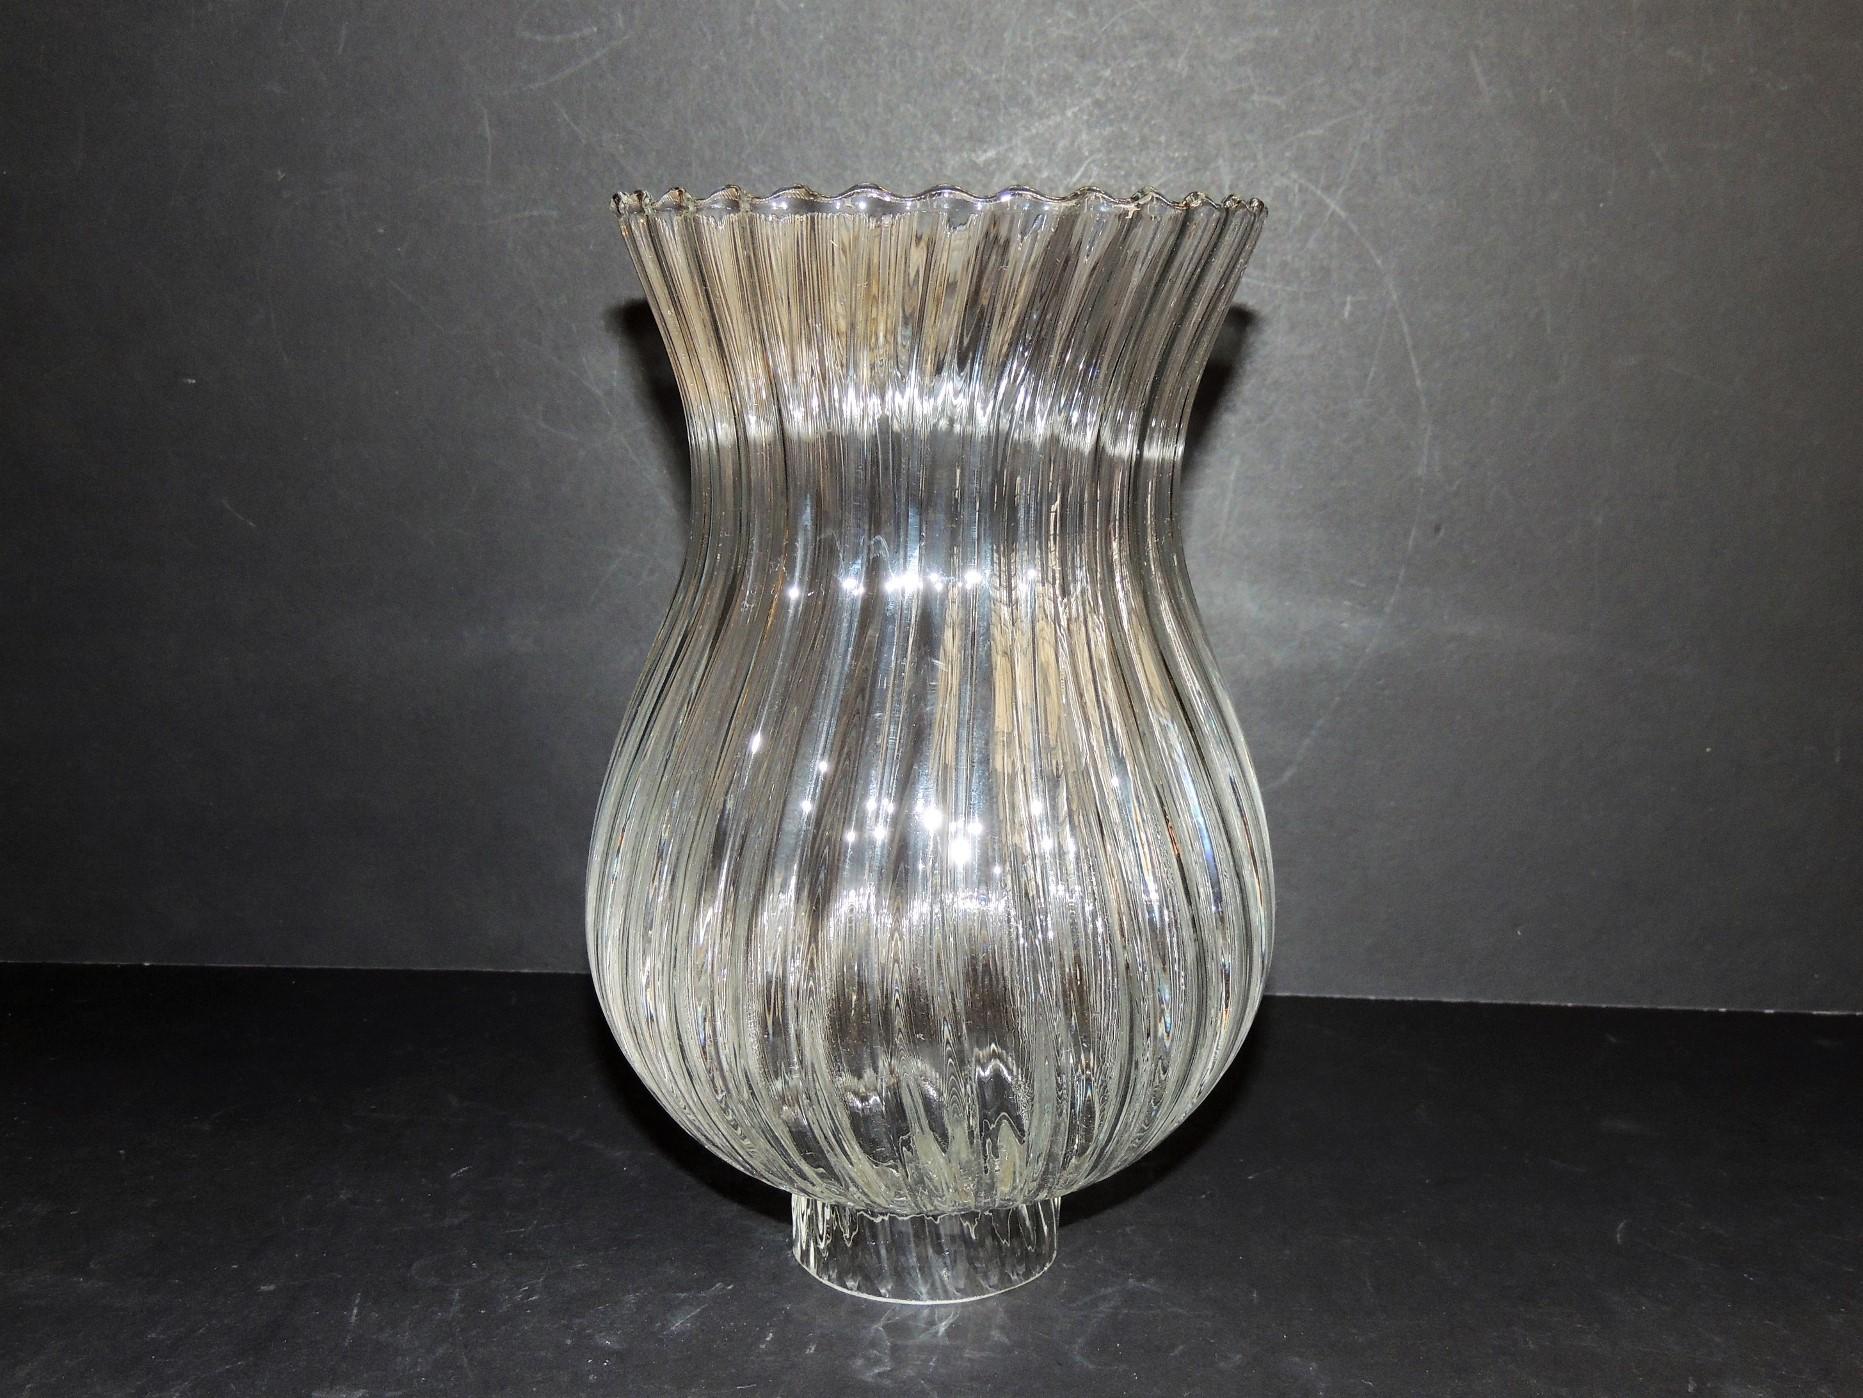 Vetri di ricambio per lampadari paralumi in vetro per lampade